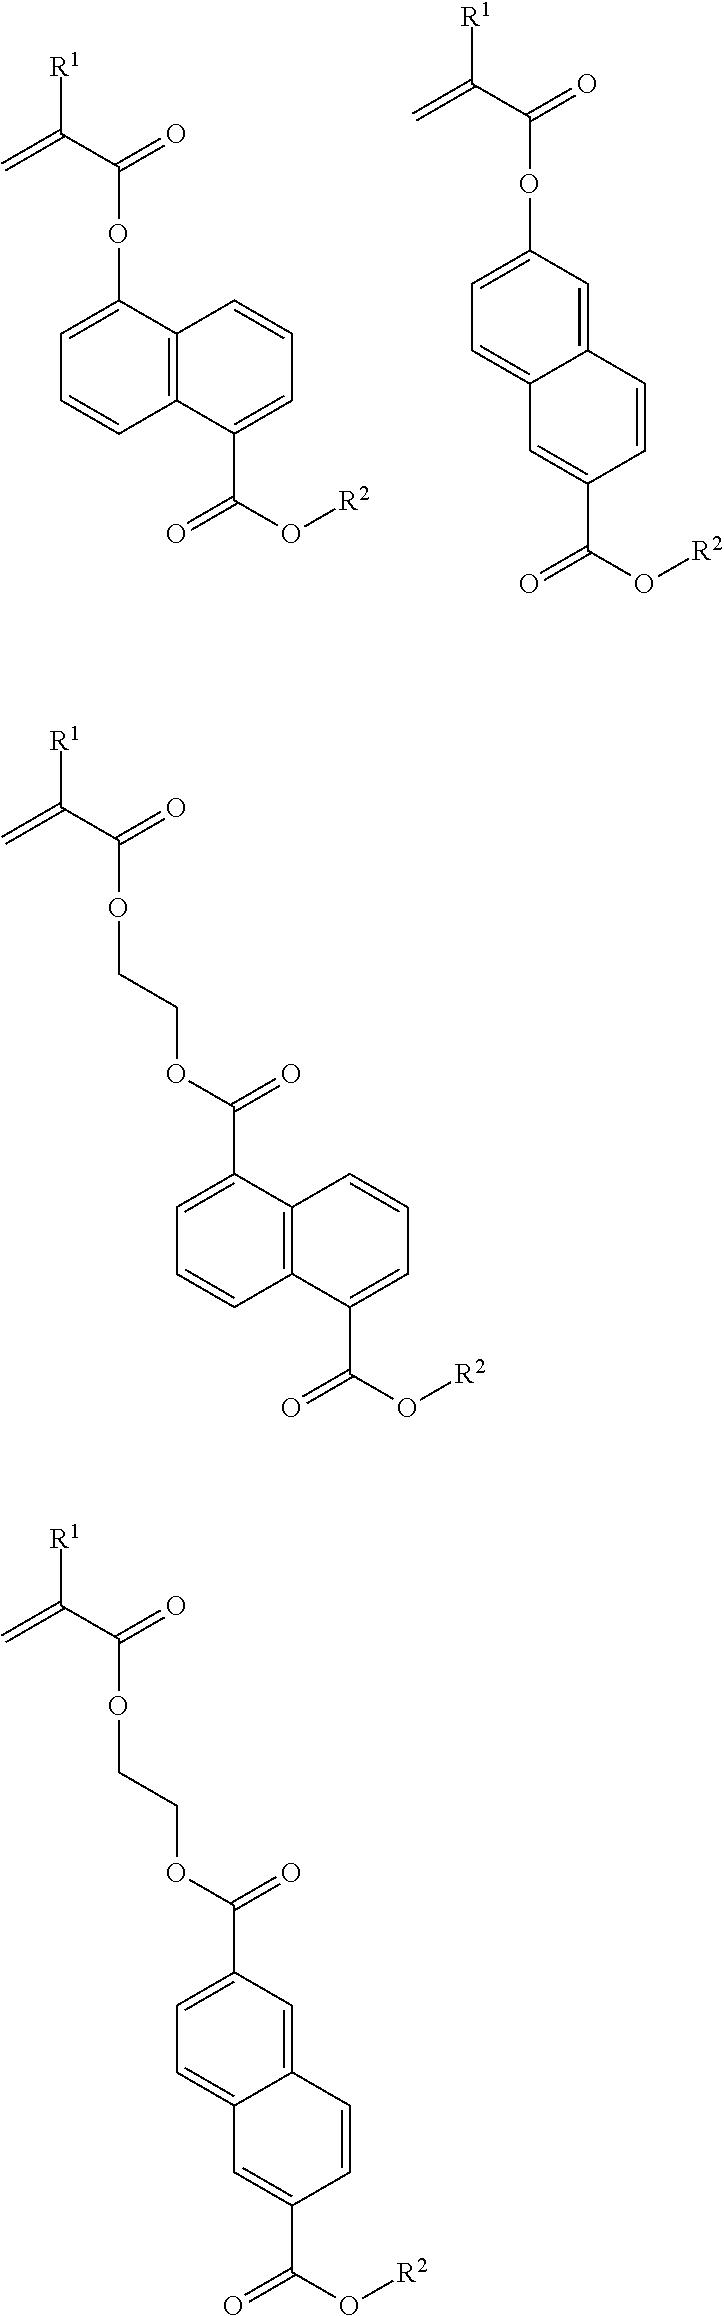 Figure US08652756-20140218-C00008